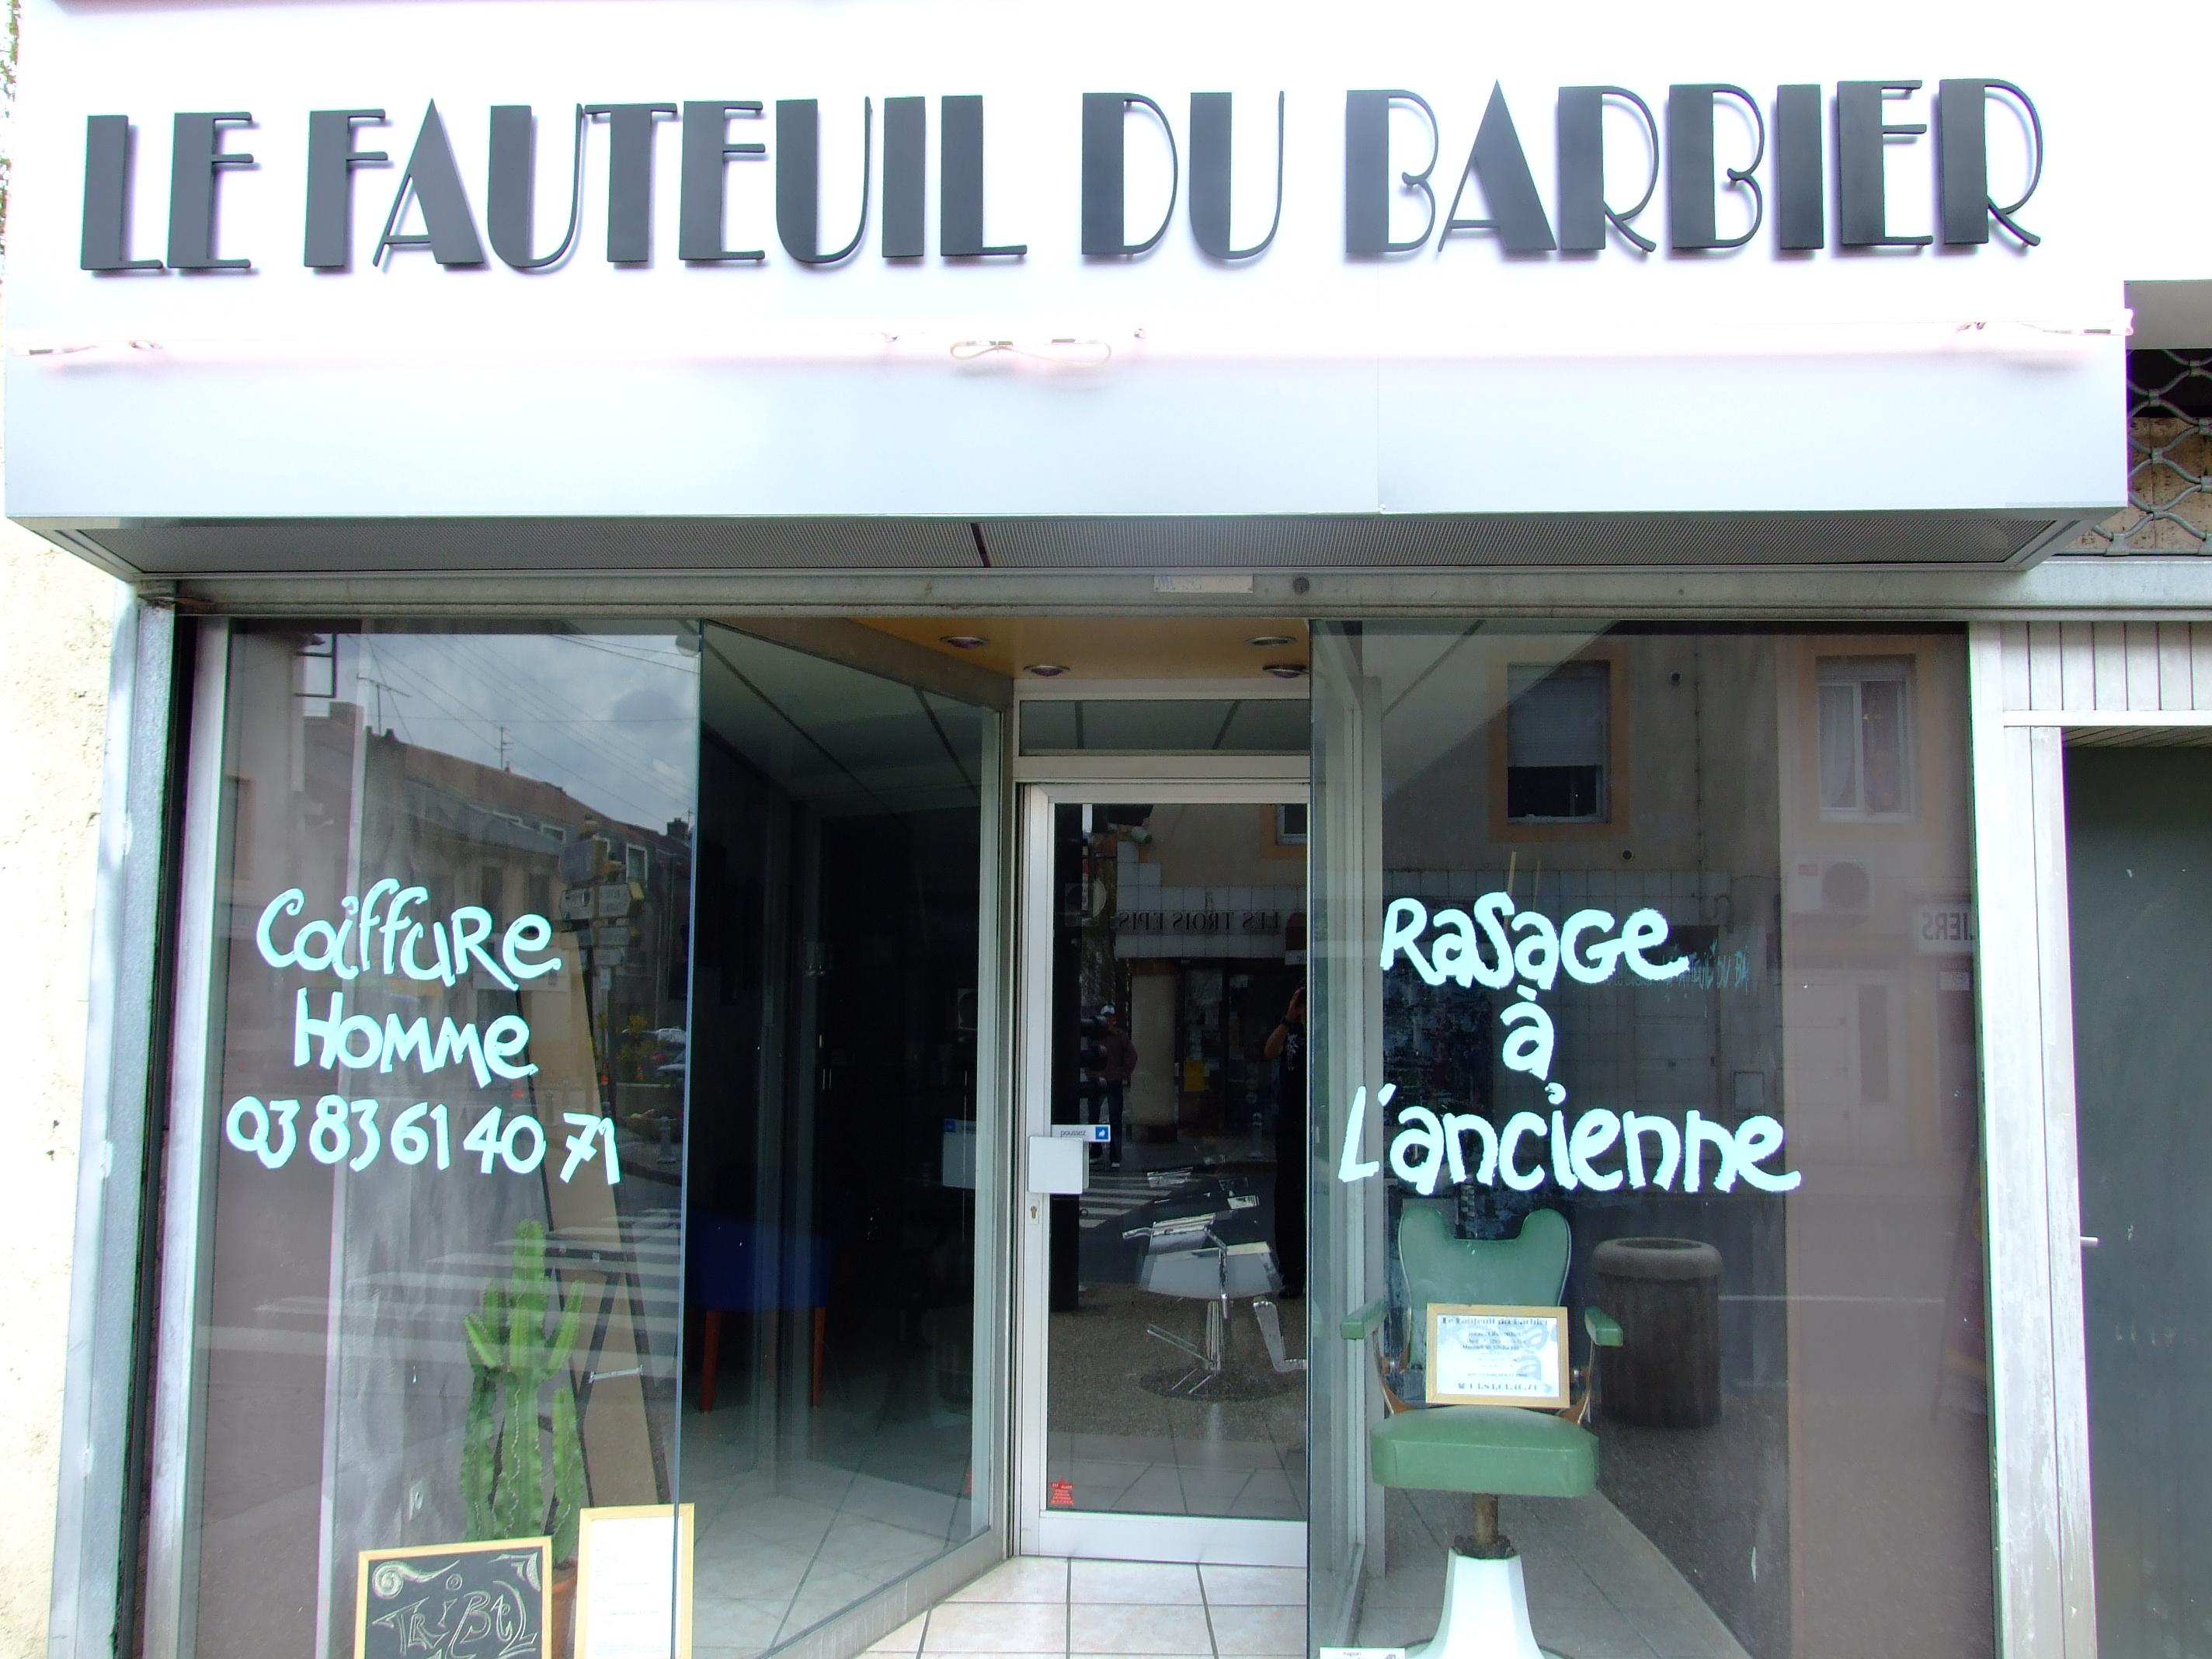 Le Fauteuil du Barbier